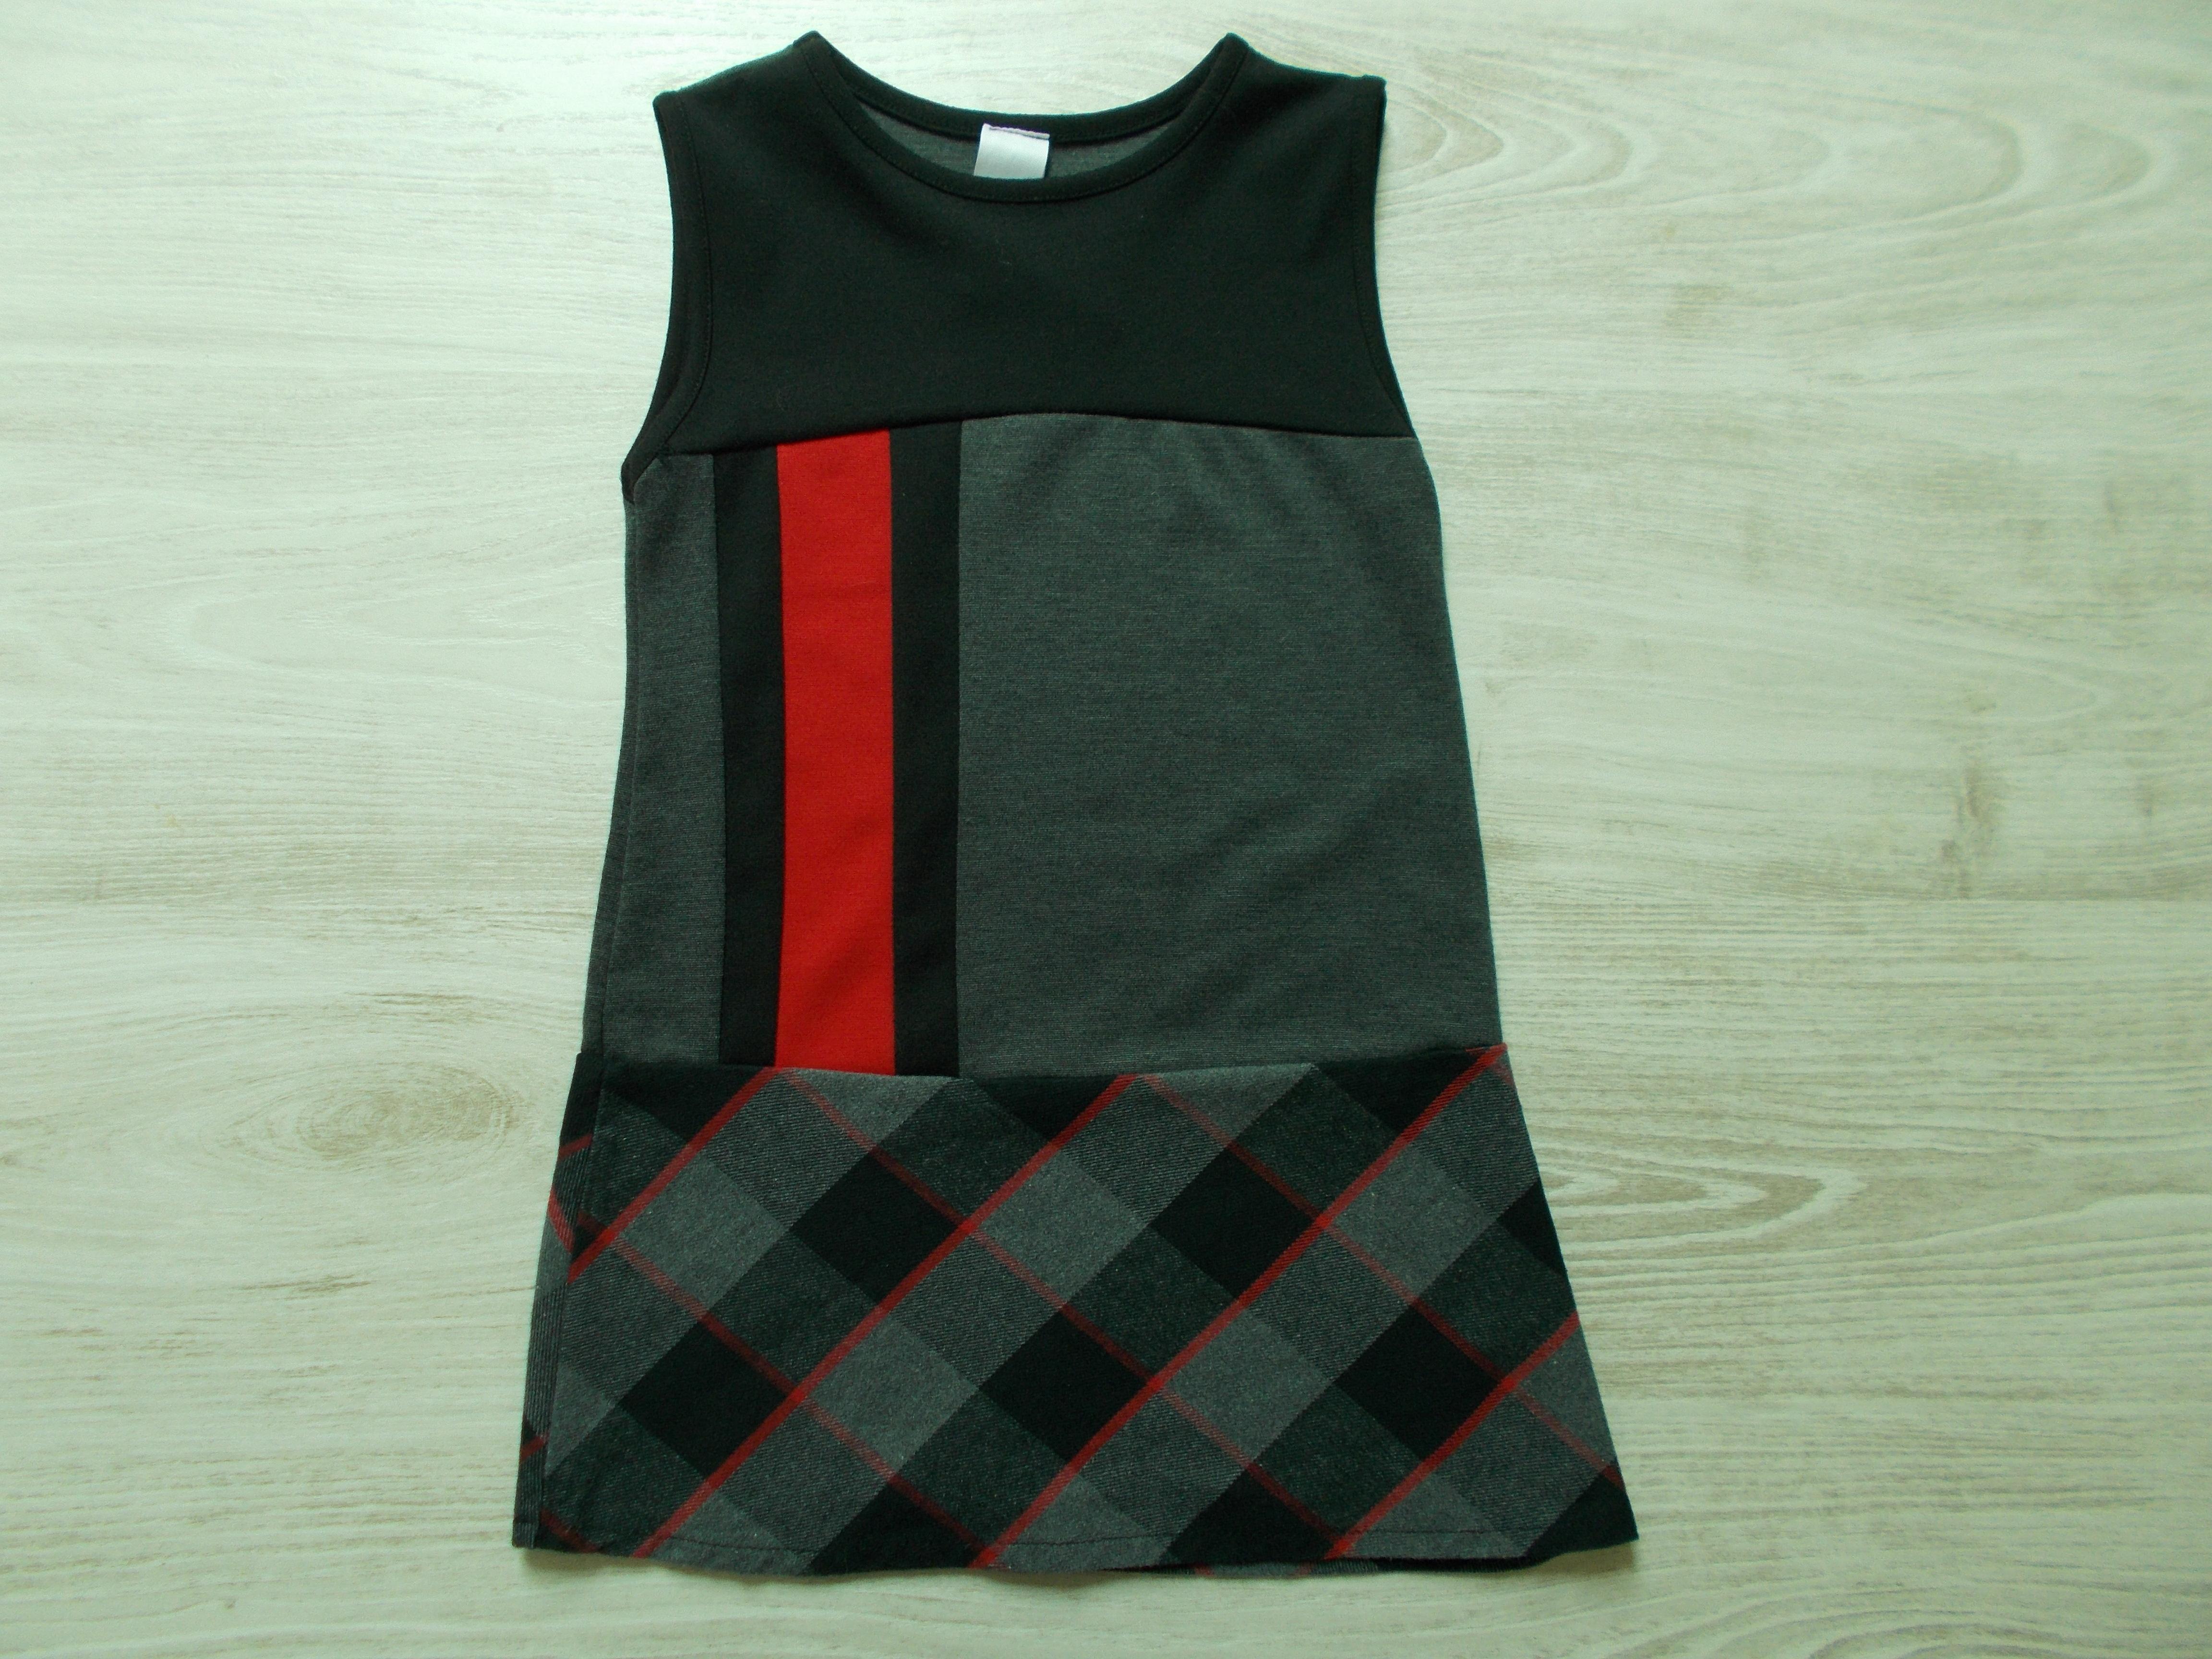 ac541e16f5 Mintás ruha [116 (6 év) / Lány ruhák] :: Lótusz Gyerekruha Webshop